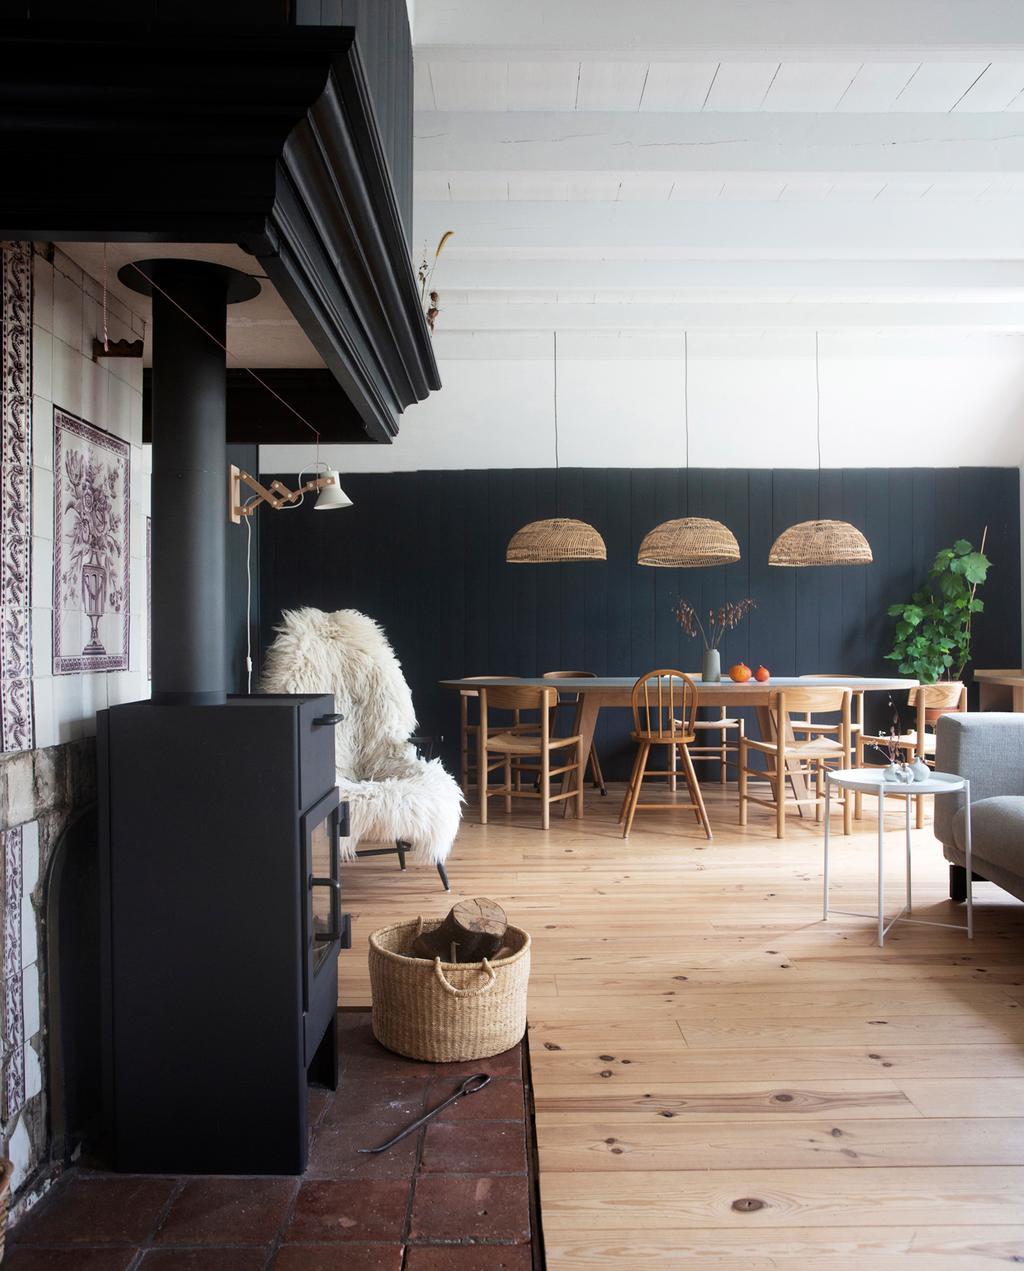 vtwonen 13-2019 | Binnenkijken in een monumentale boerderij in Soest woonkamer